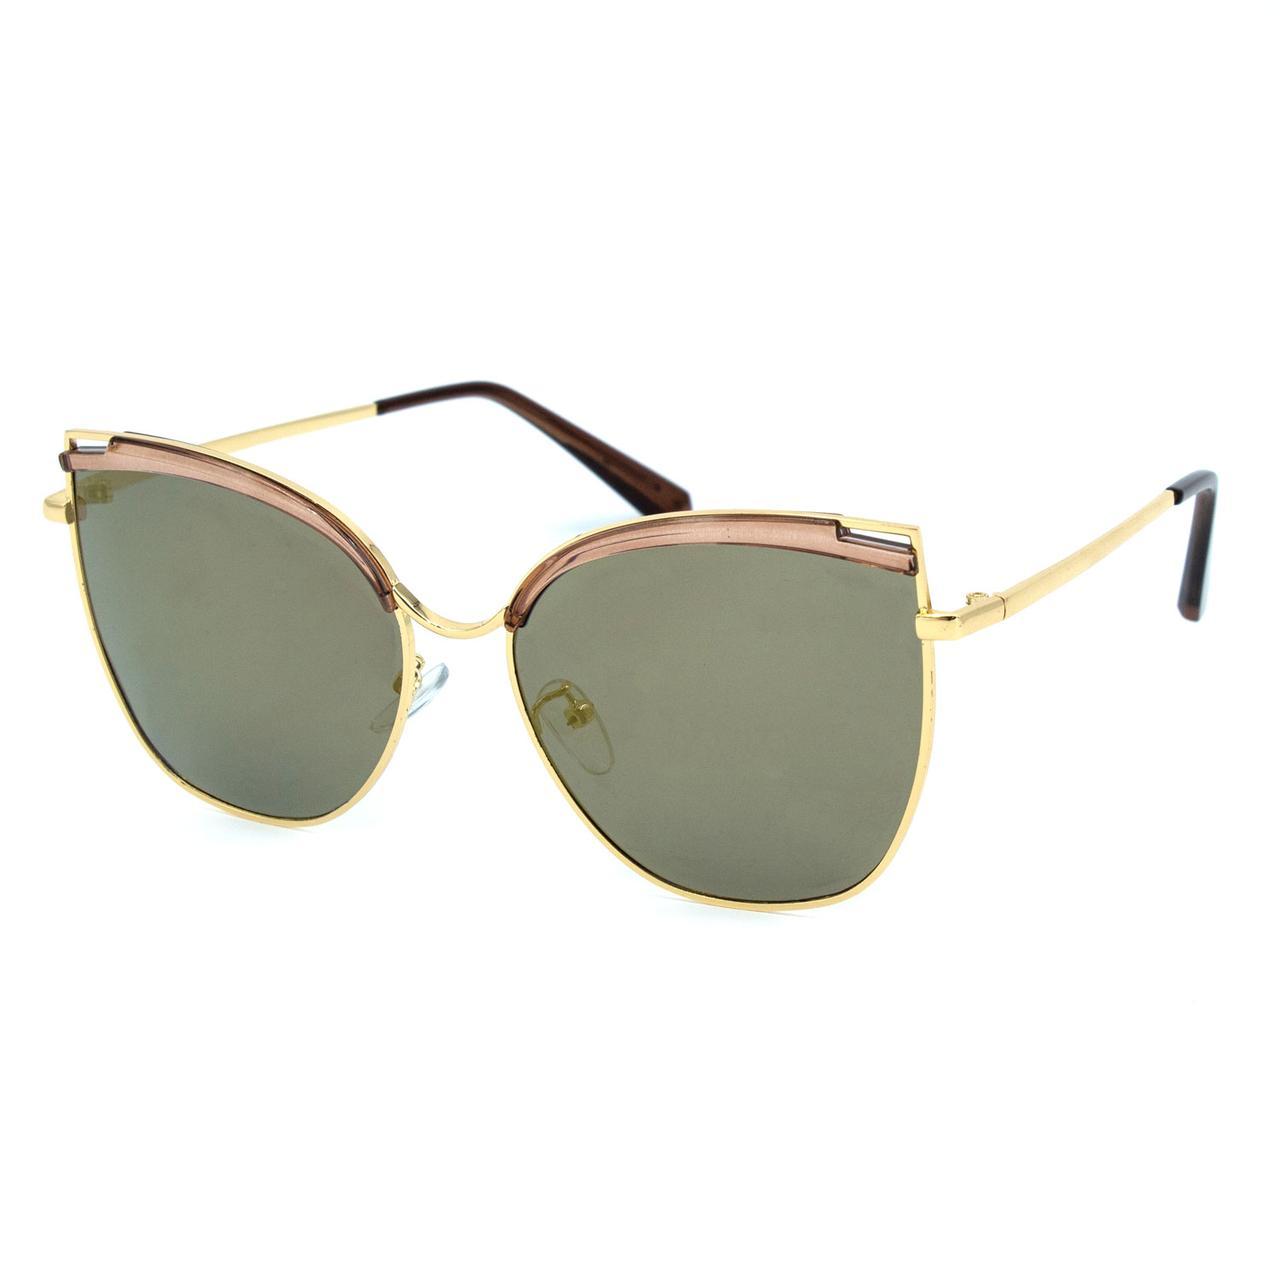 Солнцезащитные очки Marmilen TR-90 2416 C2 зеркало    ( 2416-02 )